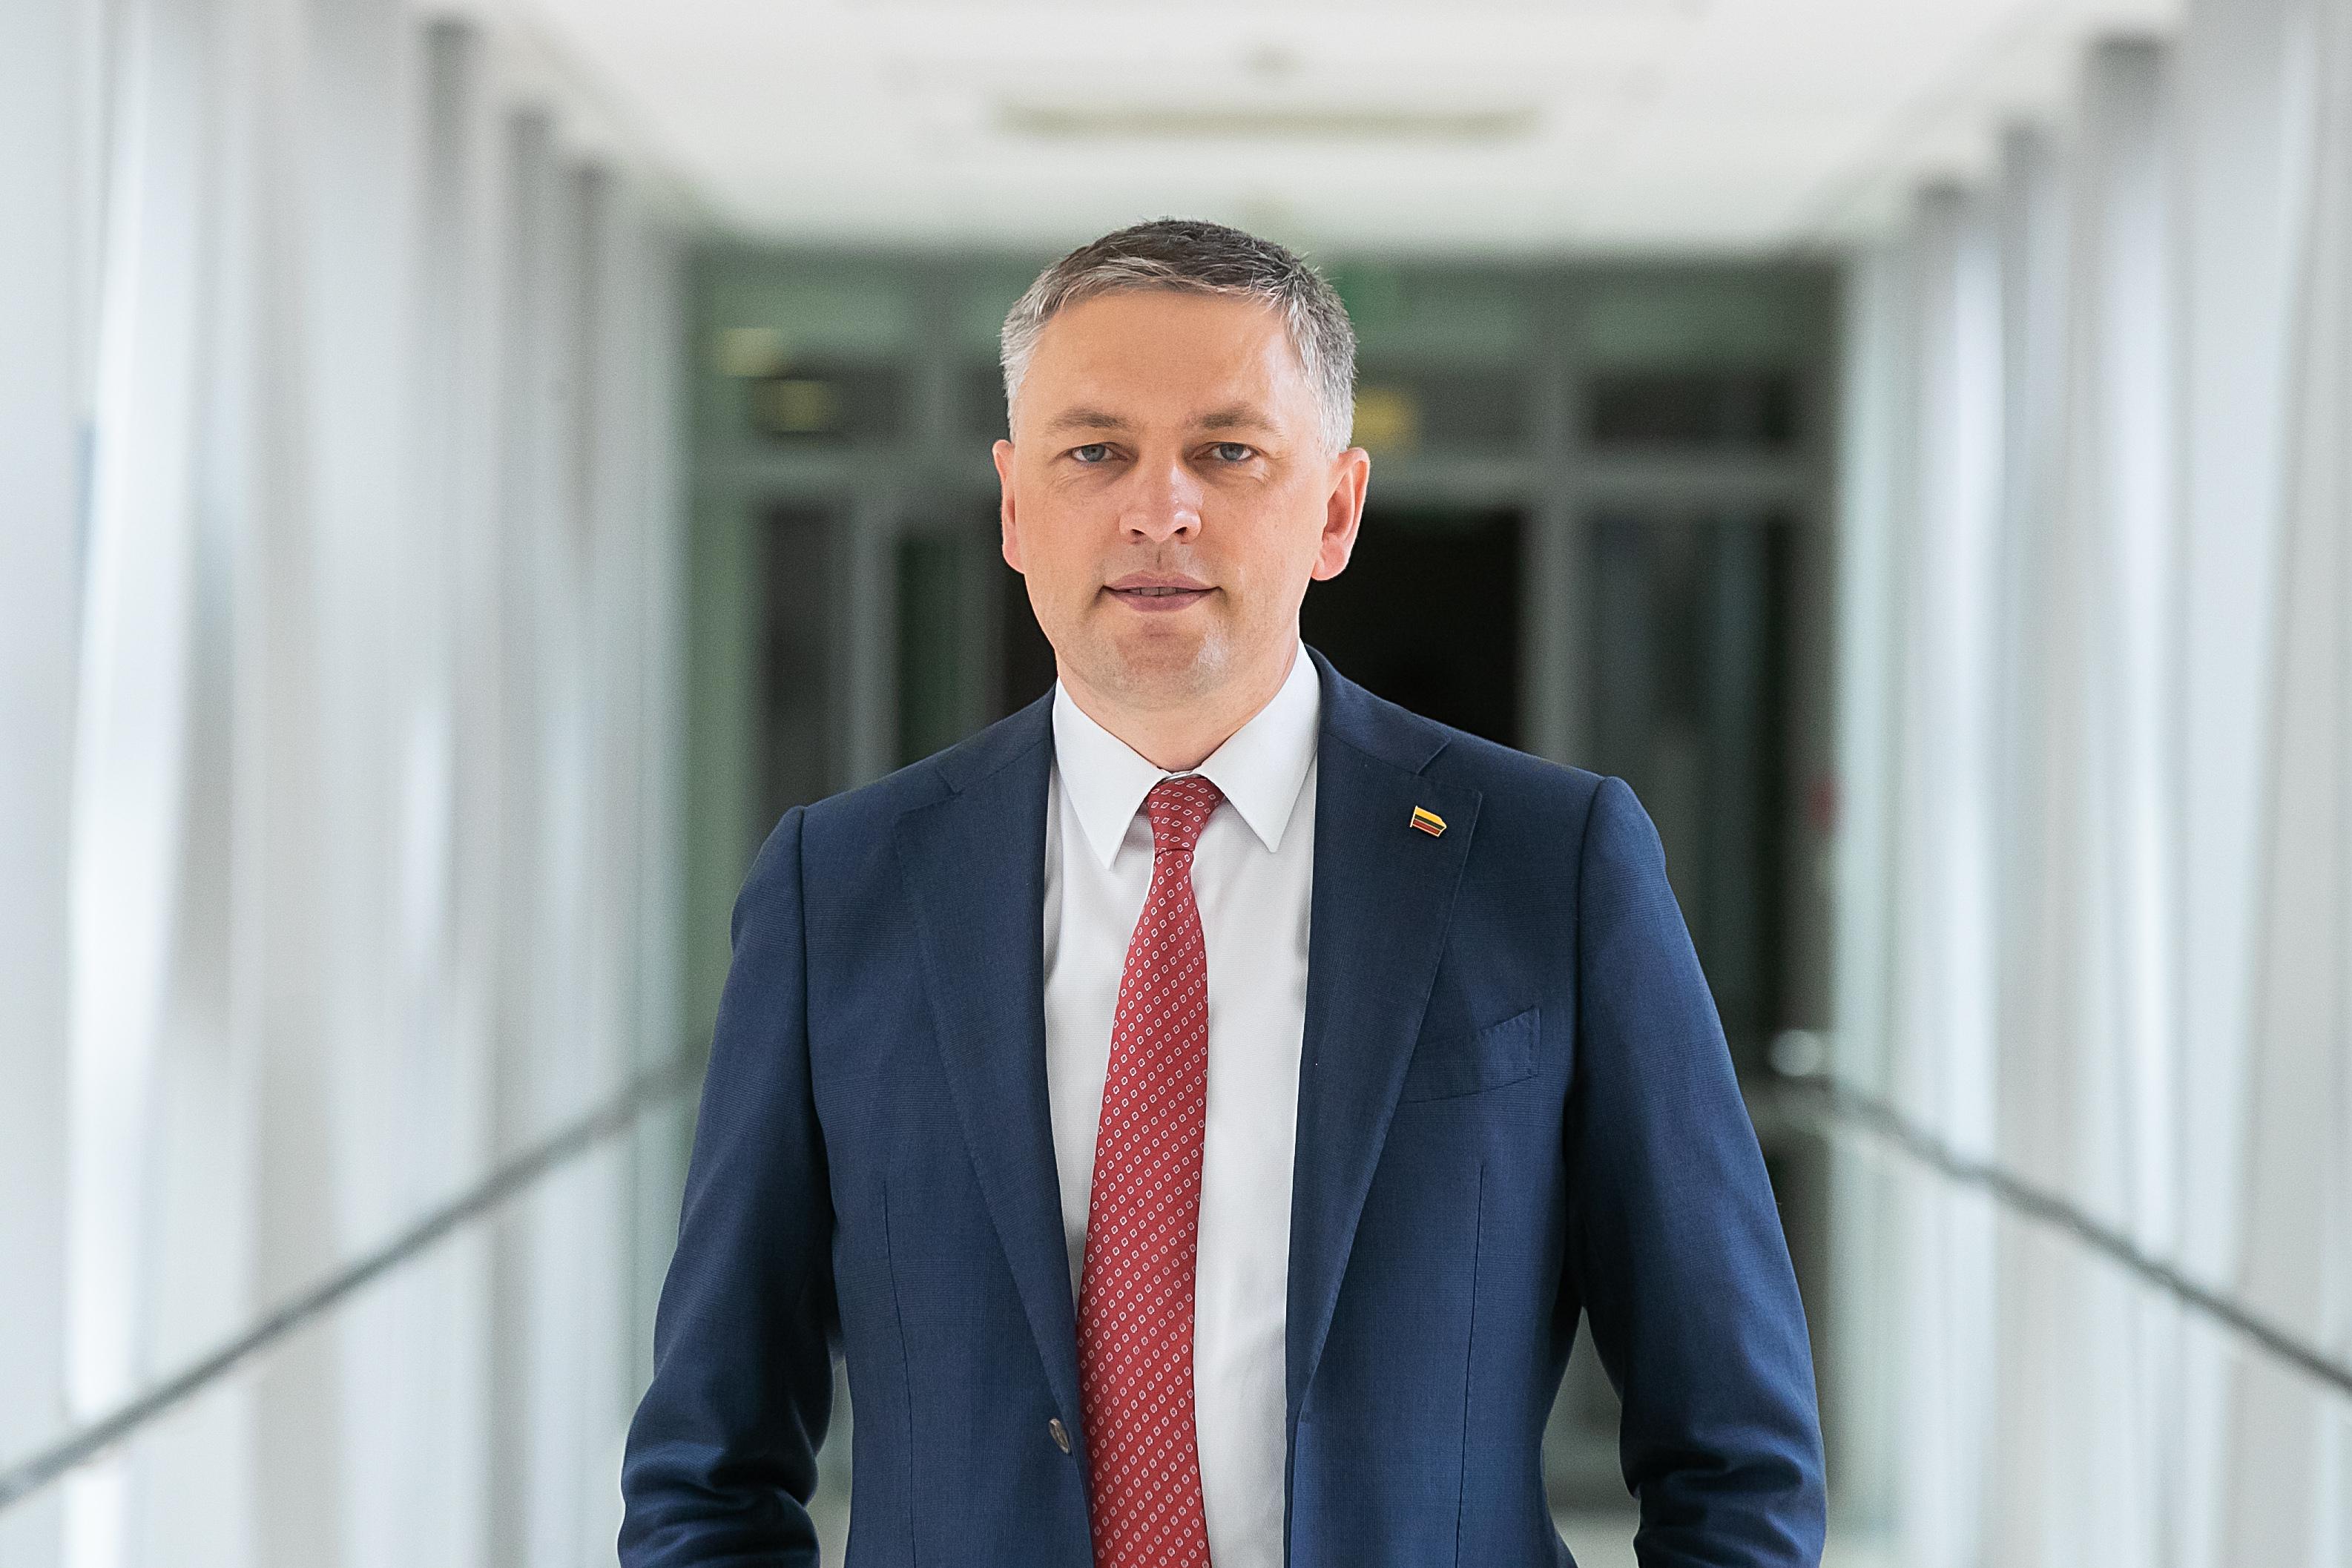 Seimo nutarimo dėl A. Valantino skyrimo Lietuvos Aukščiausiojo Teismo teisėju svarstymas